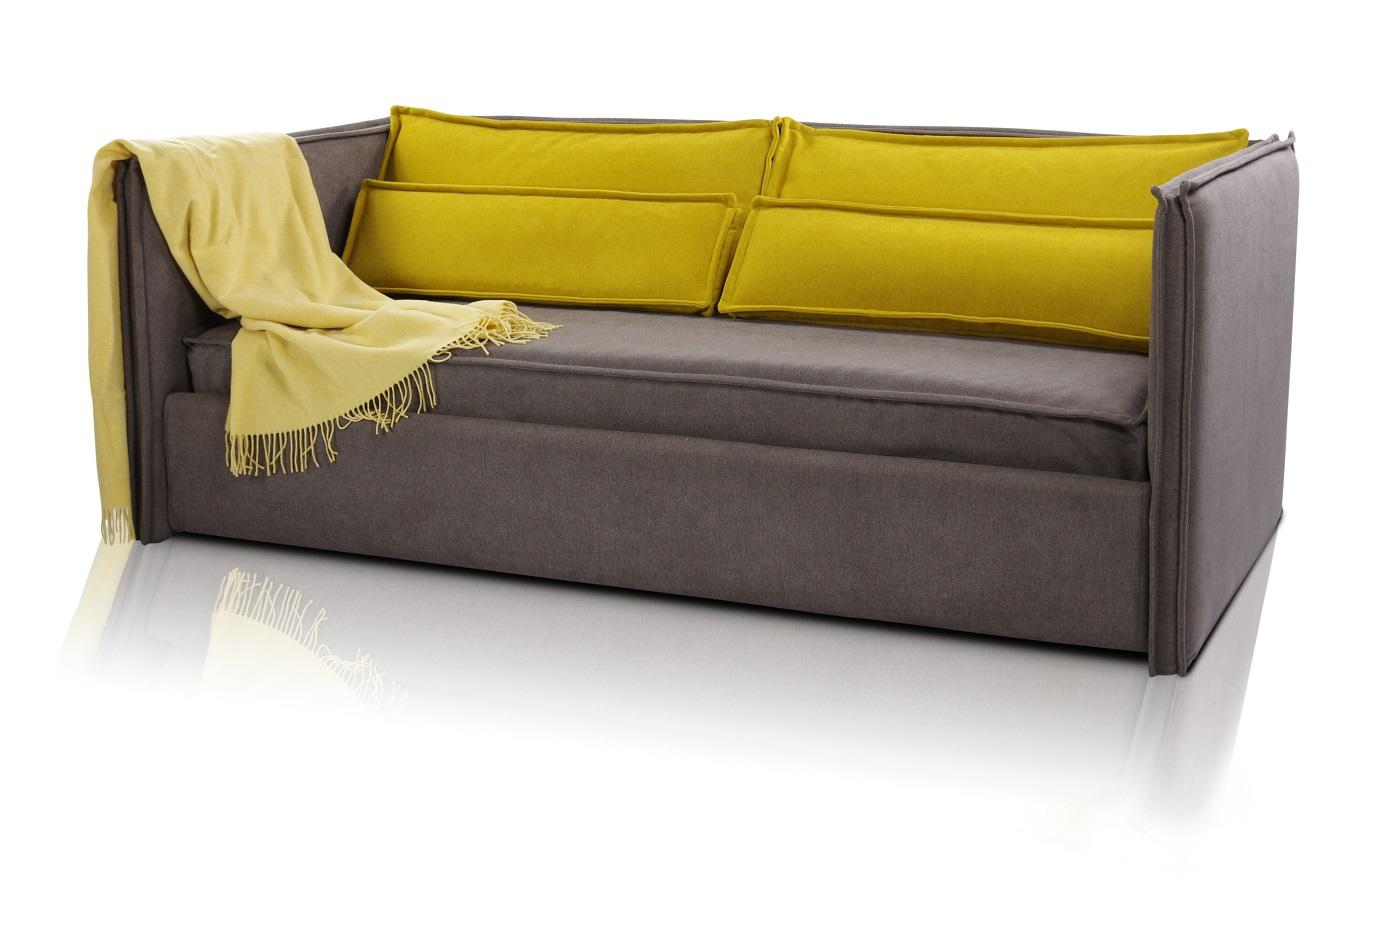 Кровать Solo v3 с подушками 190х90